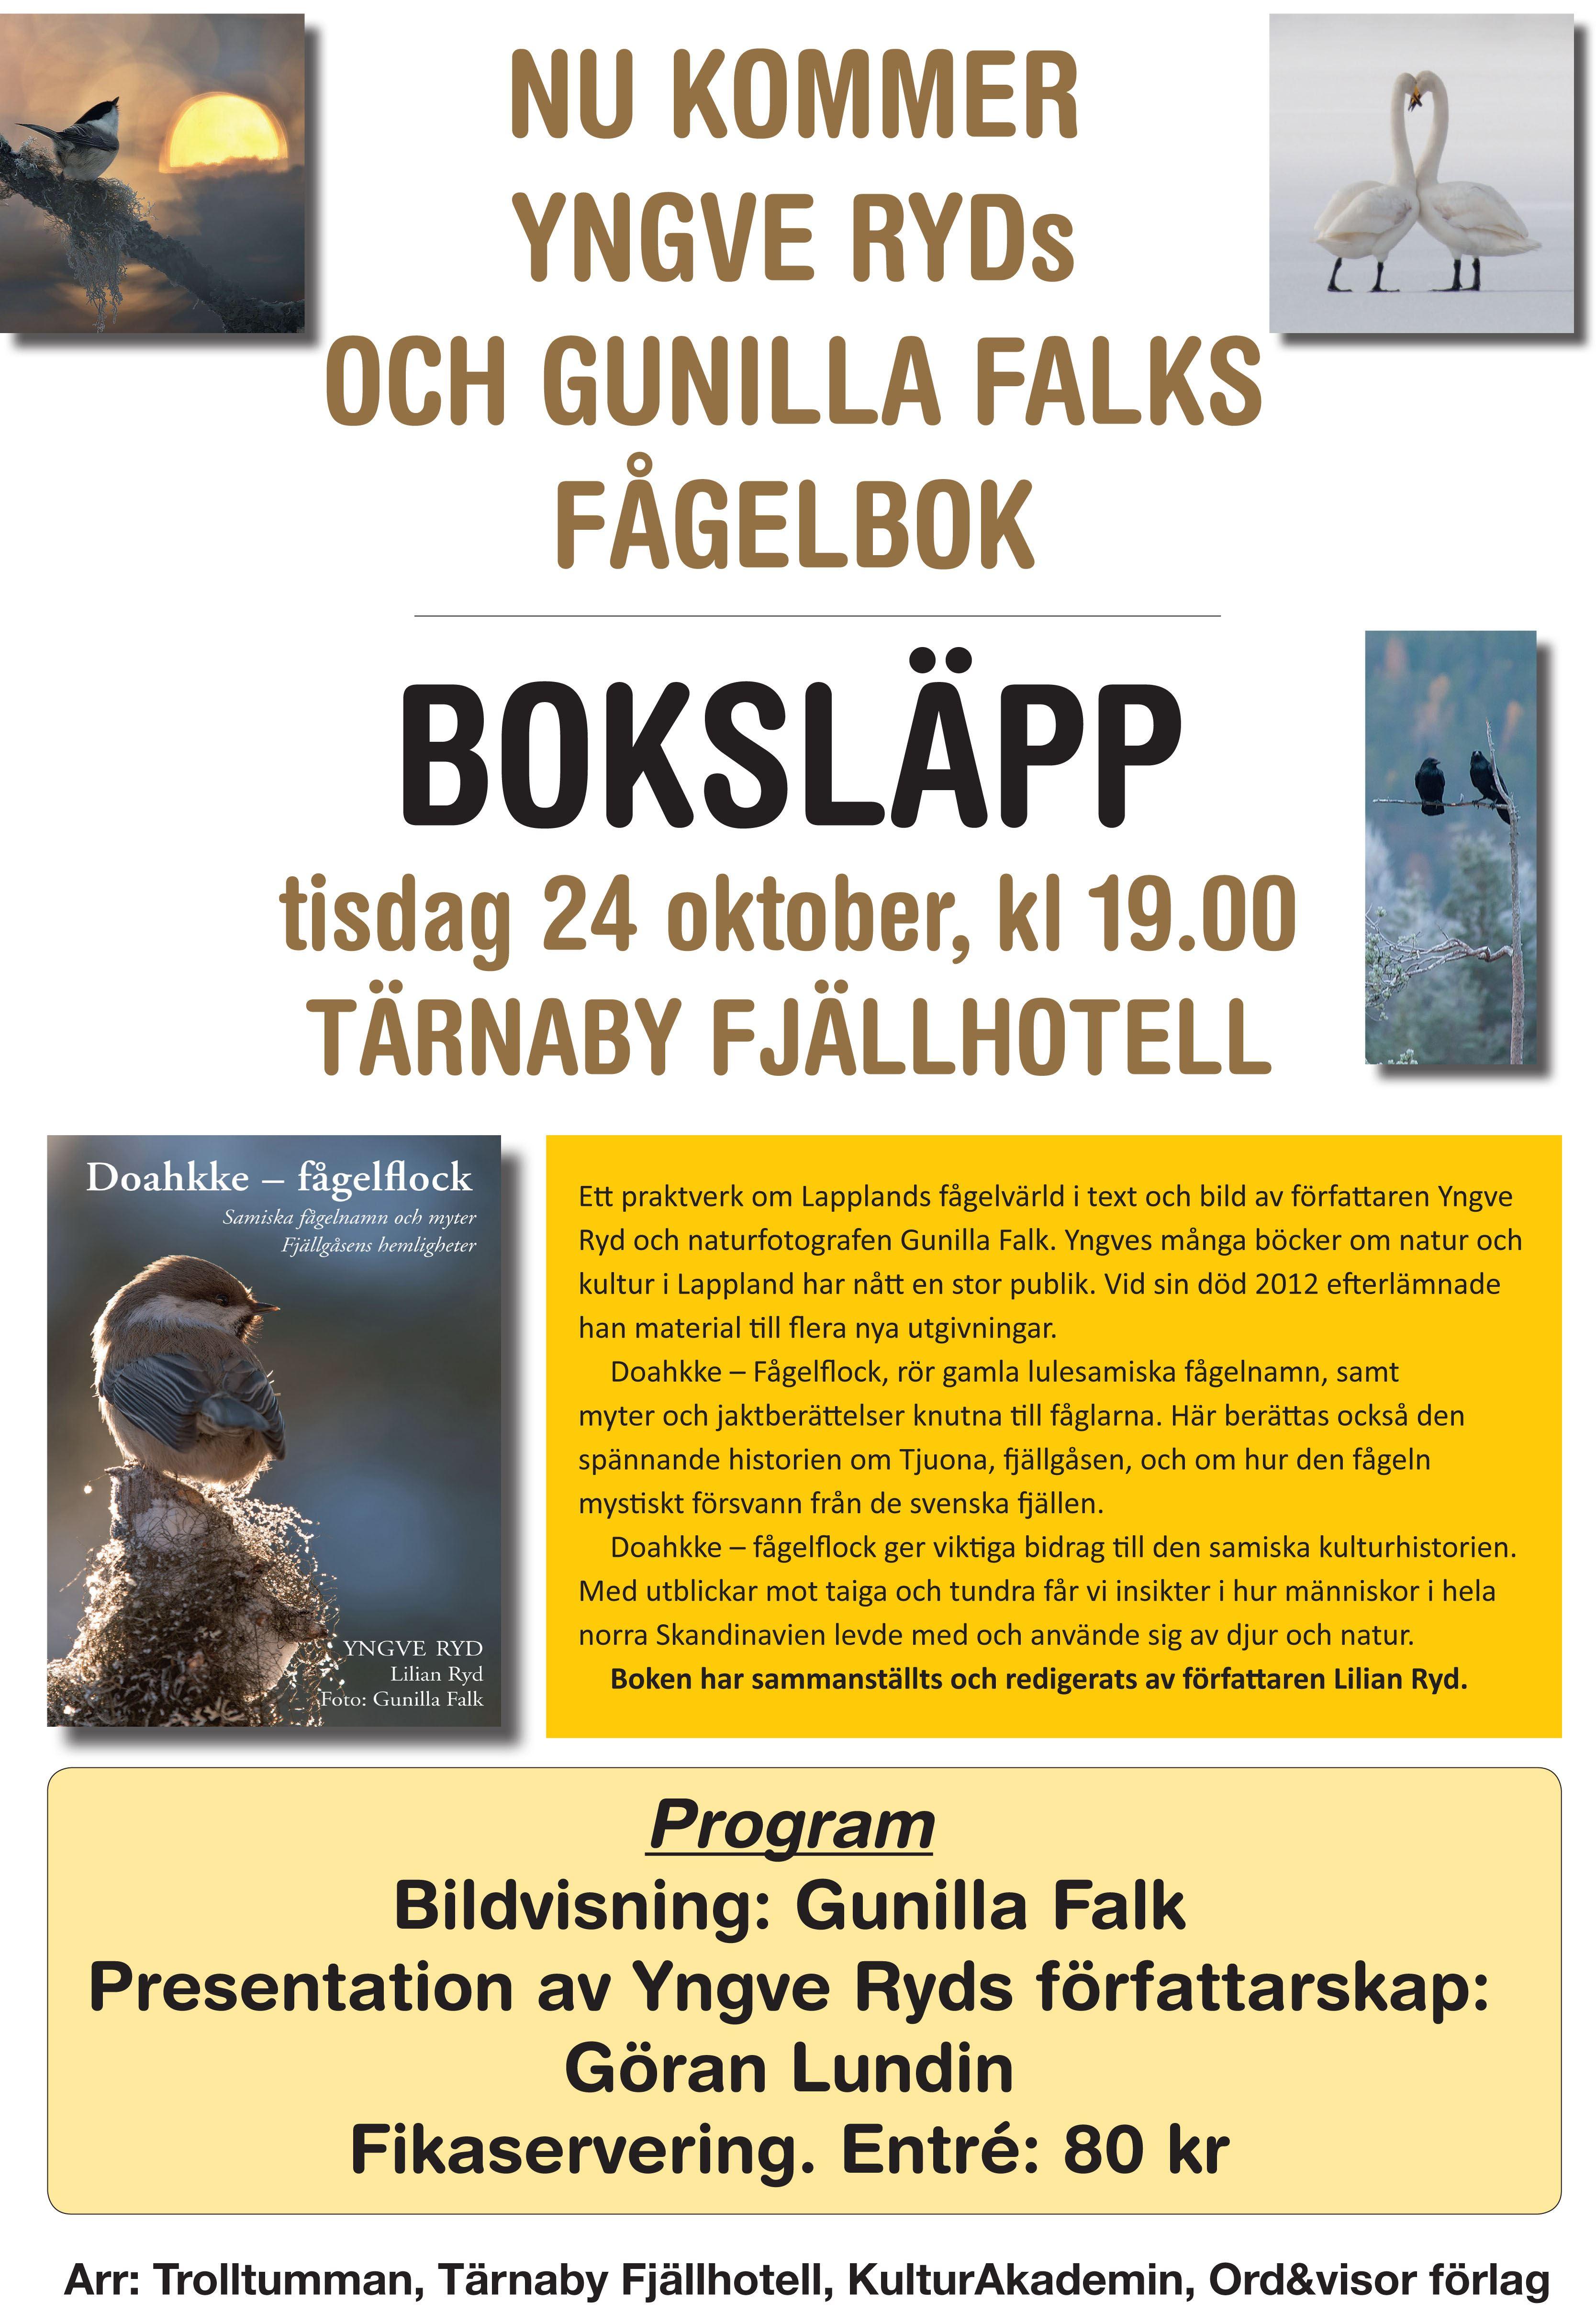 Boksläpp på Tärnaby Fjällhotell, Doahkke - fågellock